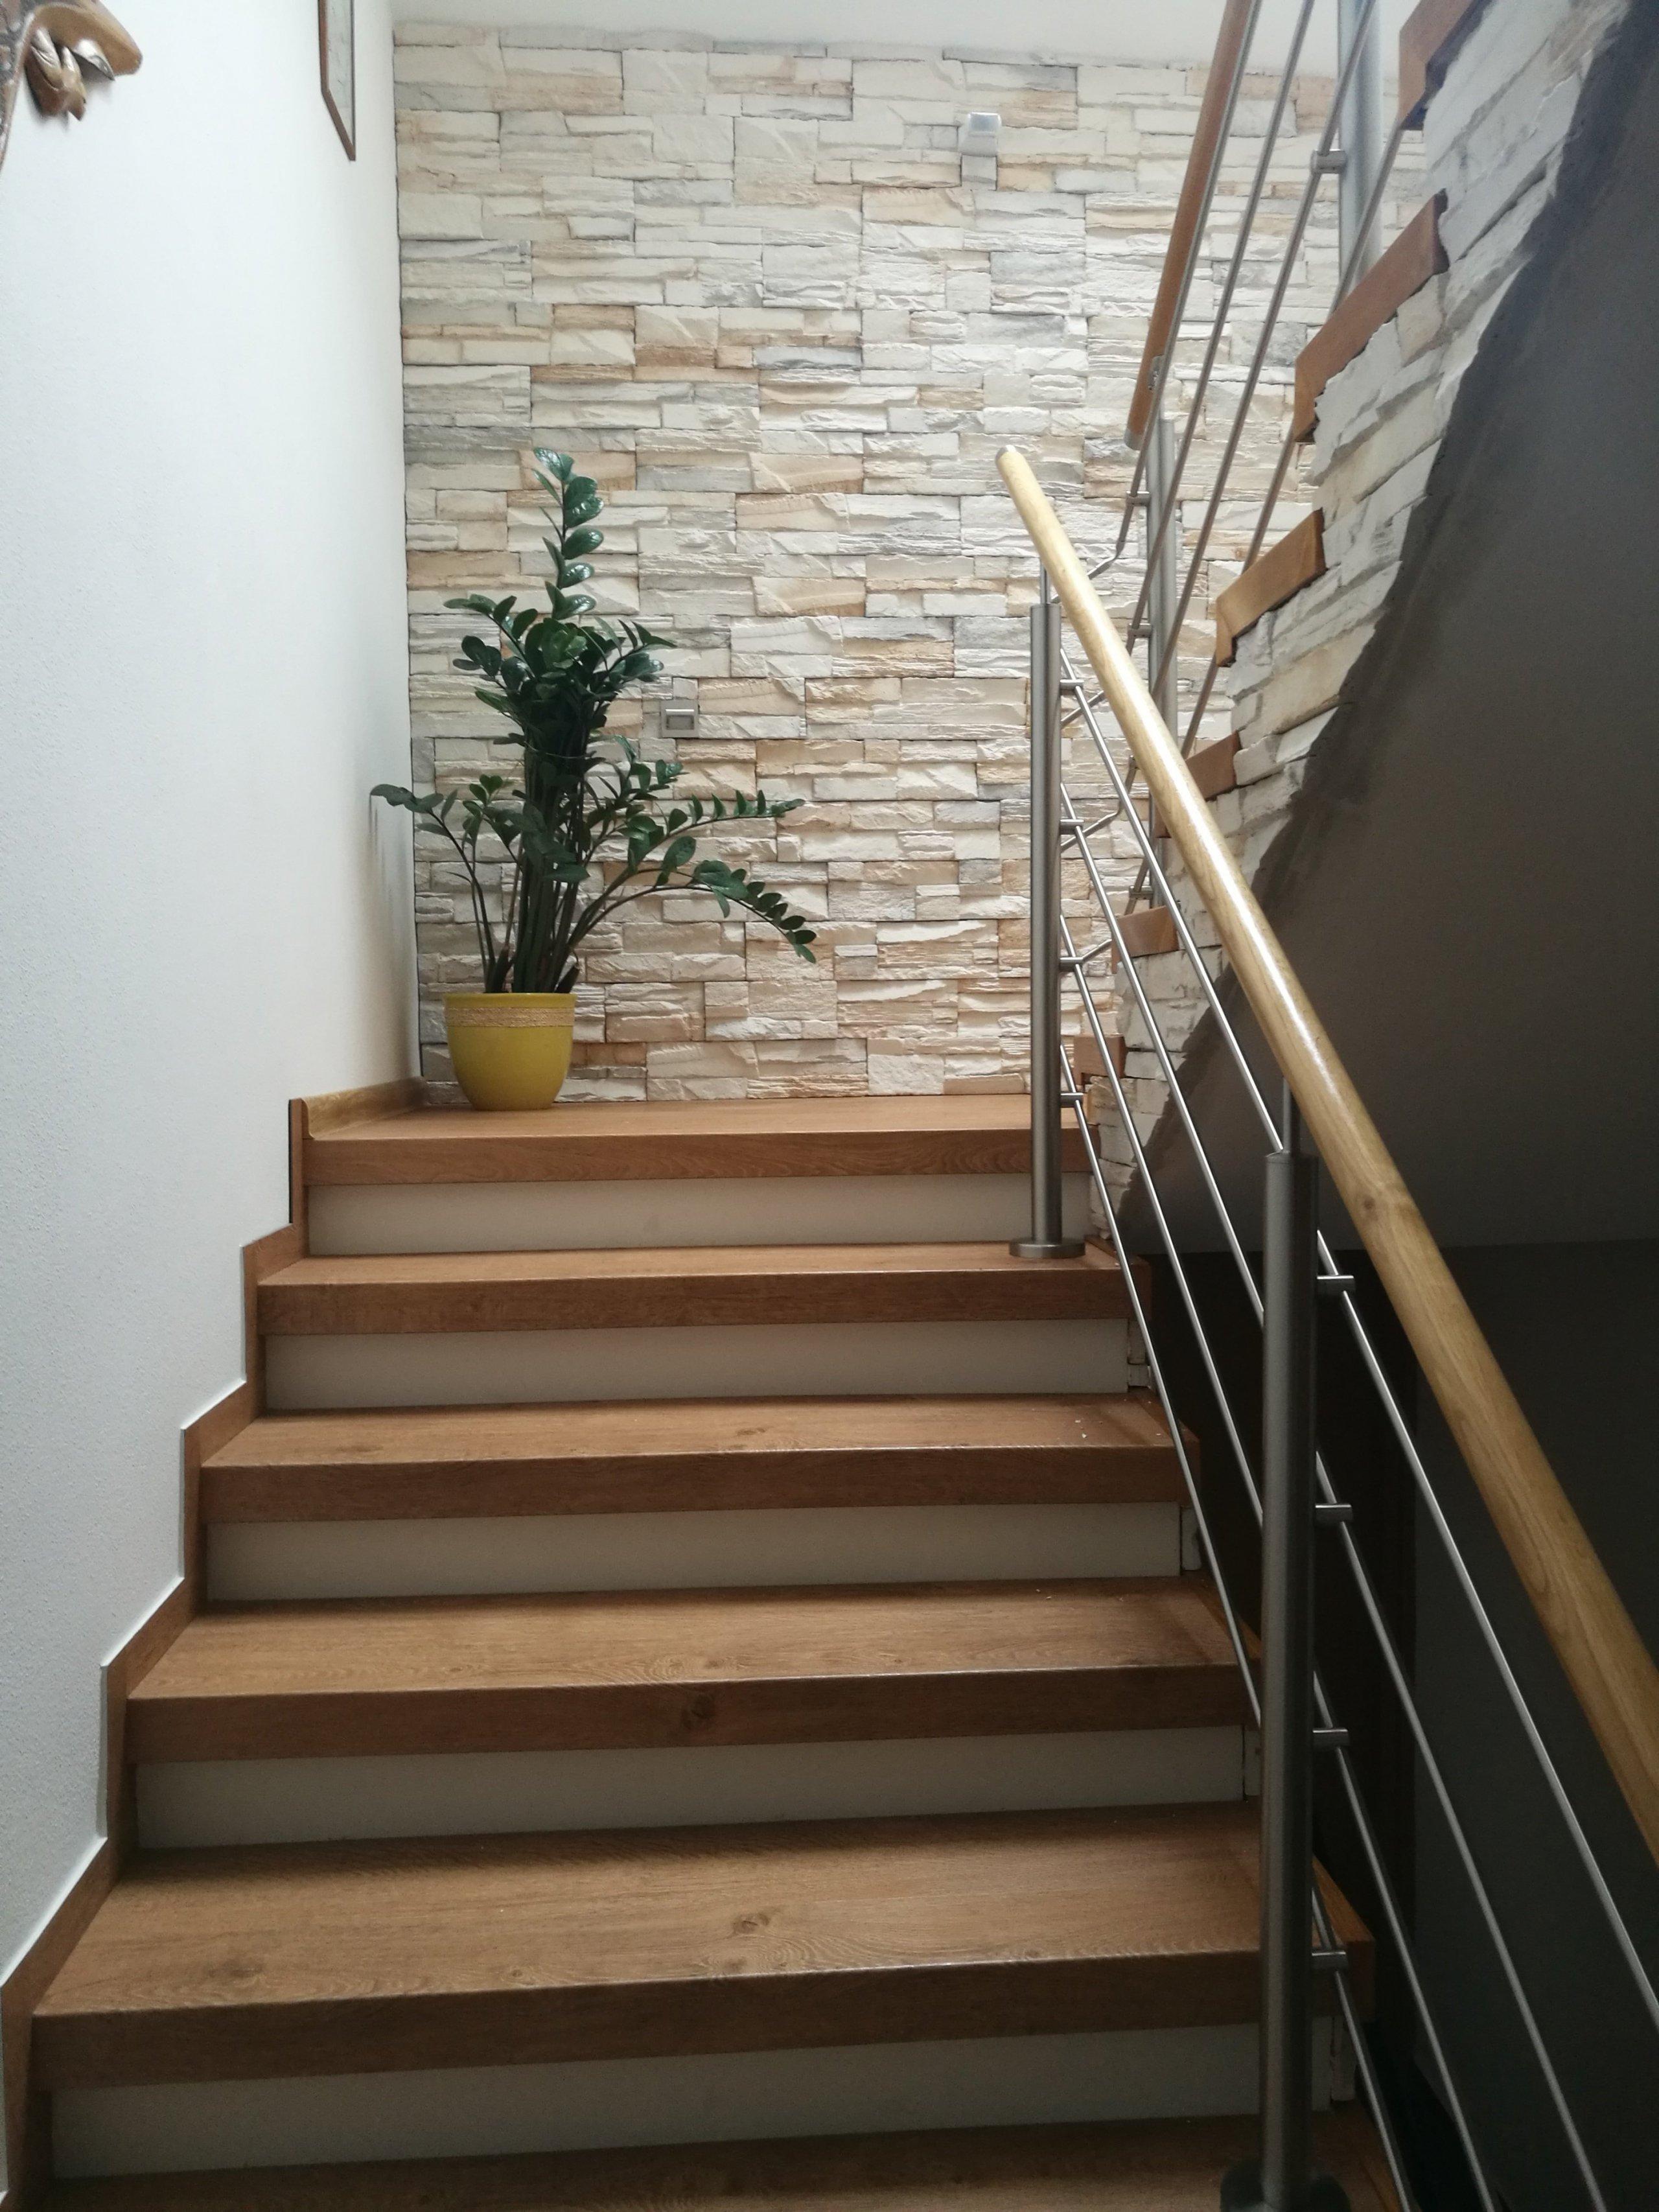 Obklad z umělého kamene hezky ladí s dekorem vinylové podlahy Bukoma na schodových nášlapech